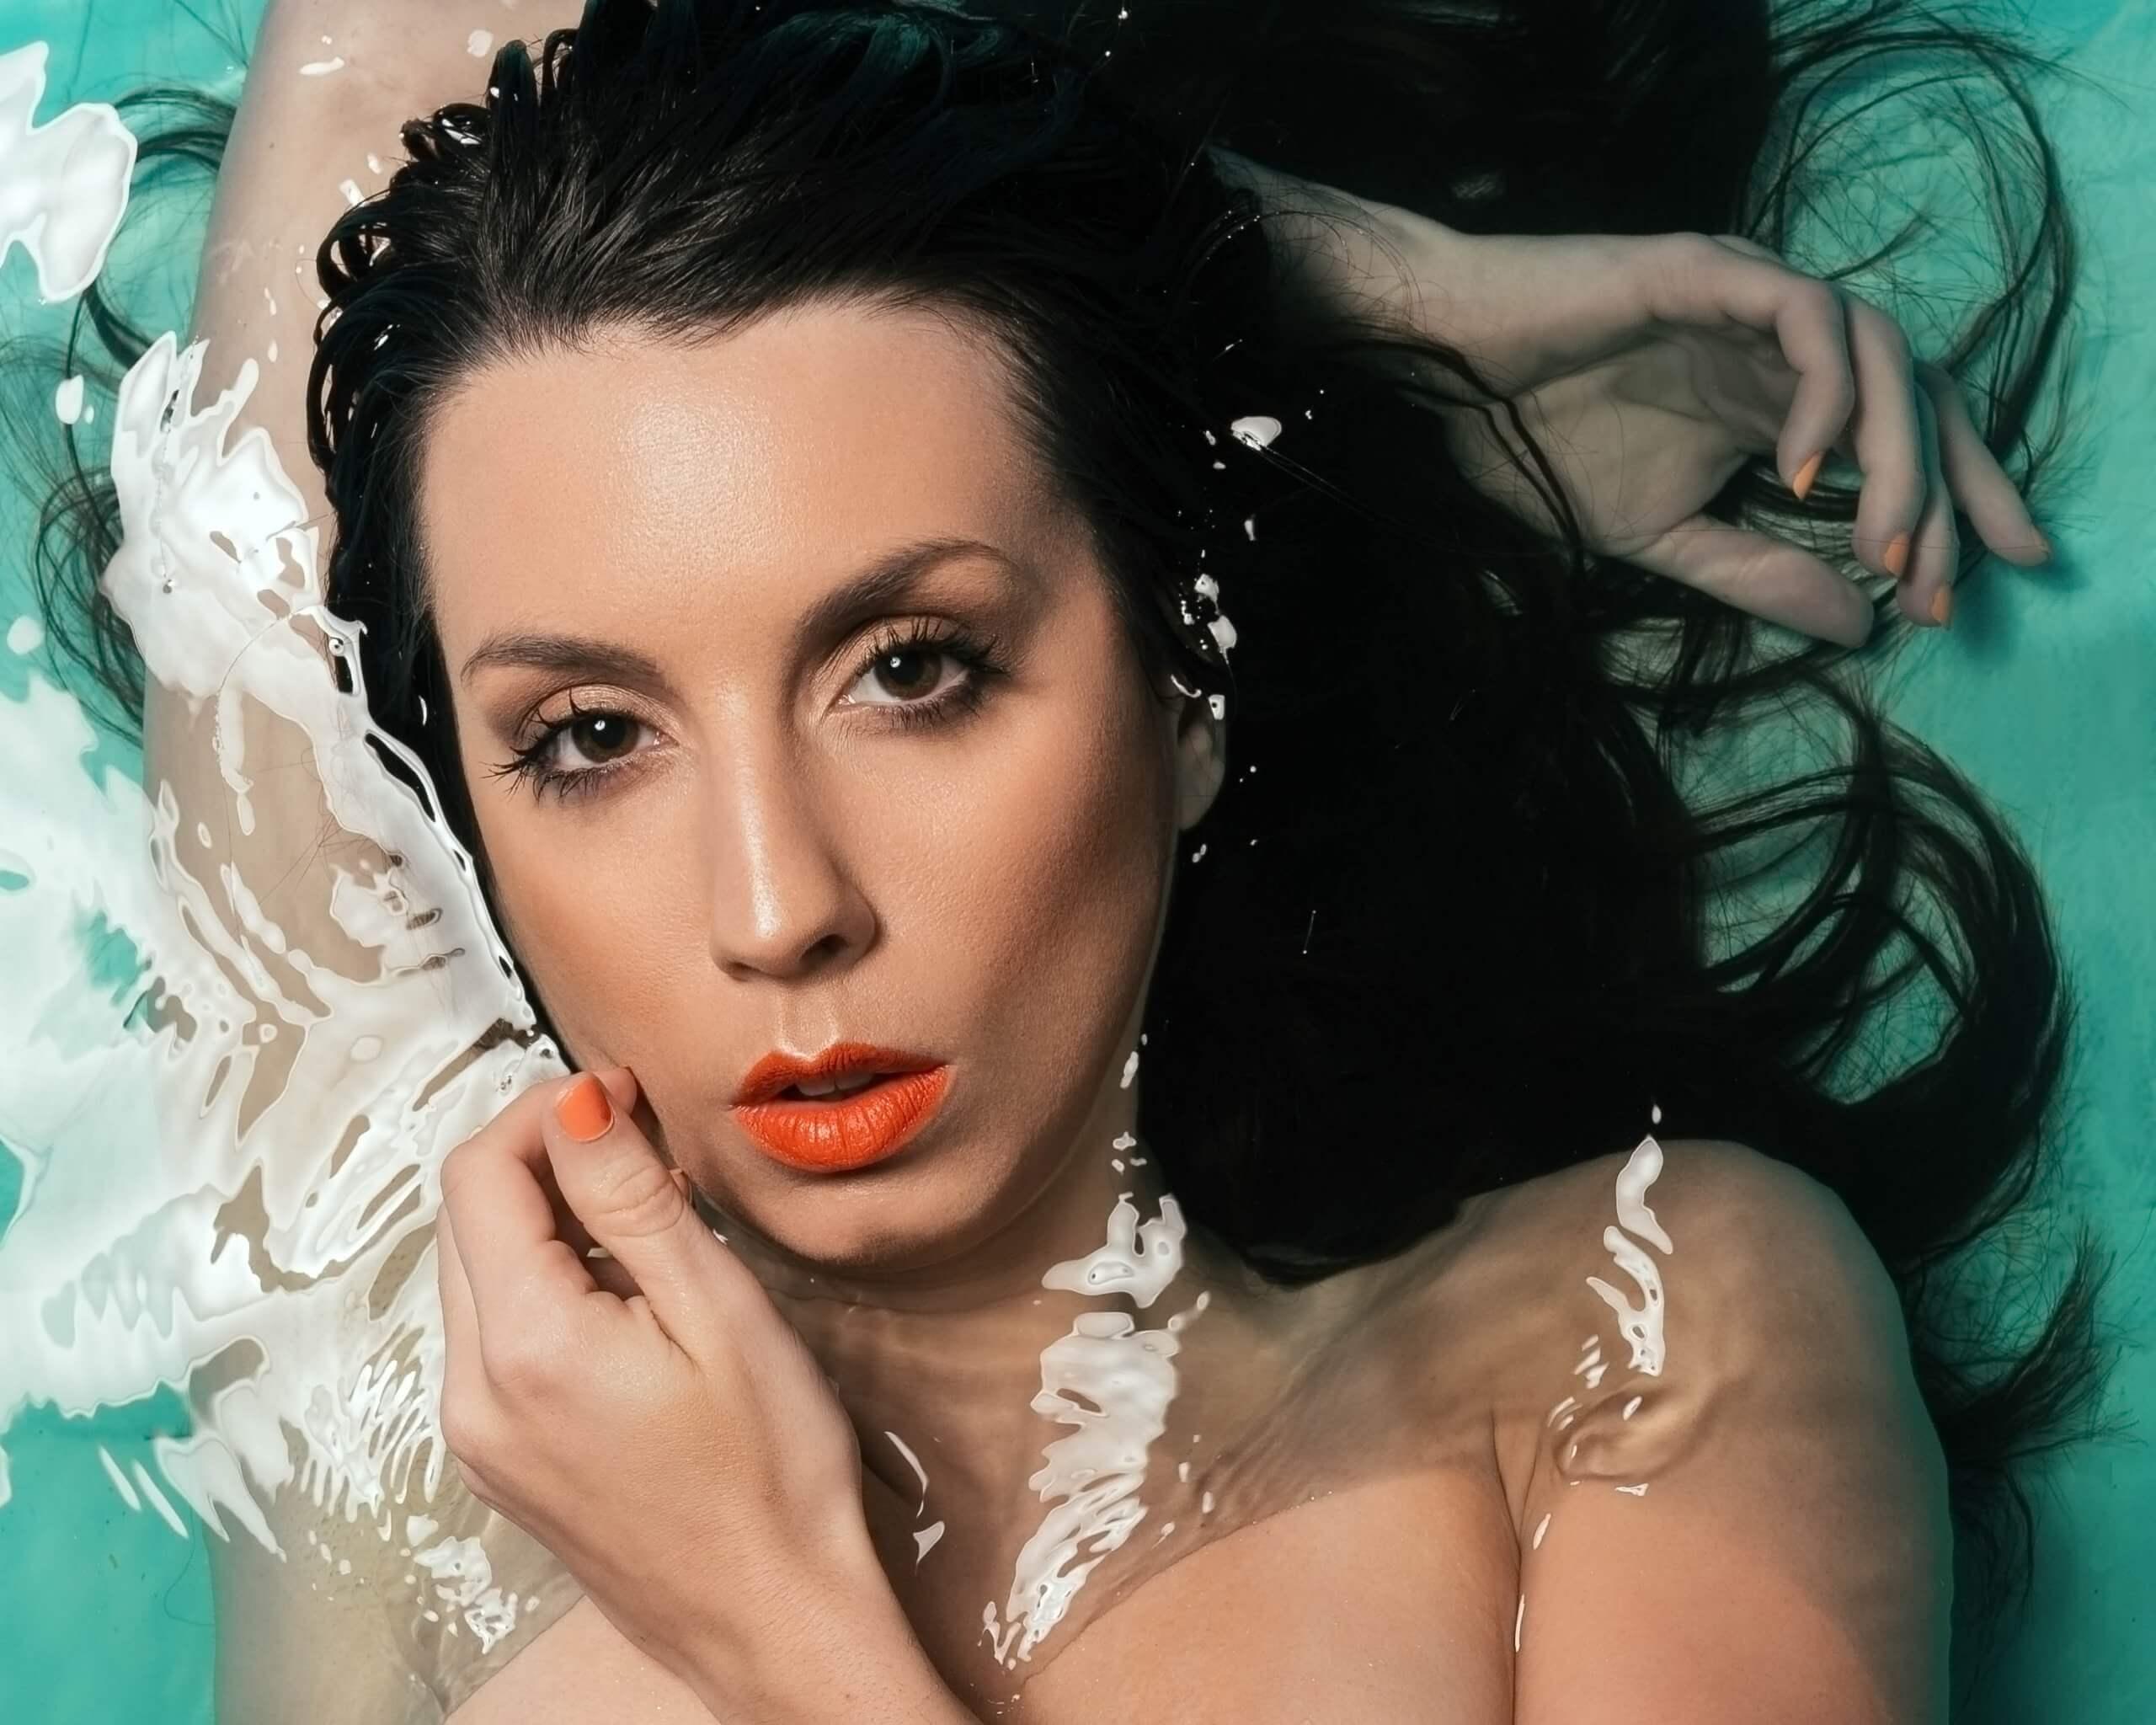 autoportrait dans le style d'un éditorial de mode, dans l'eau turquoise avec un maquillage orange